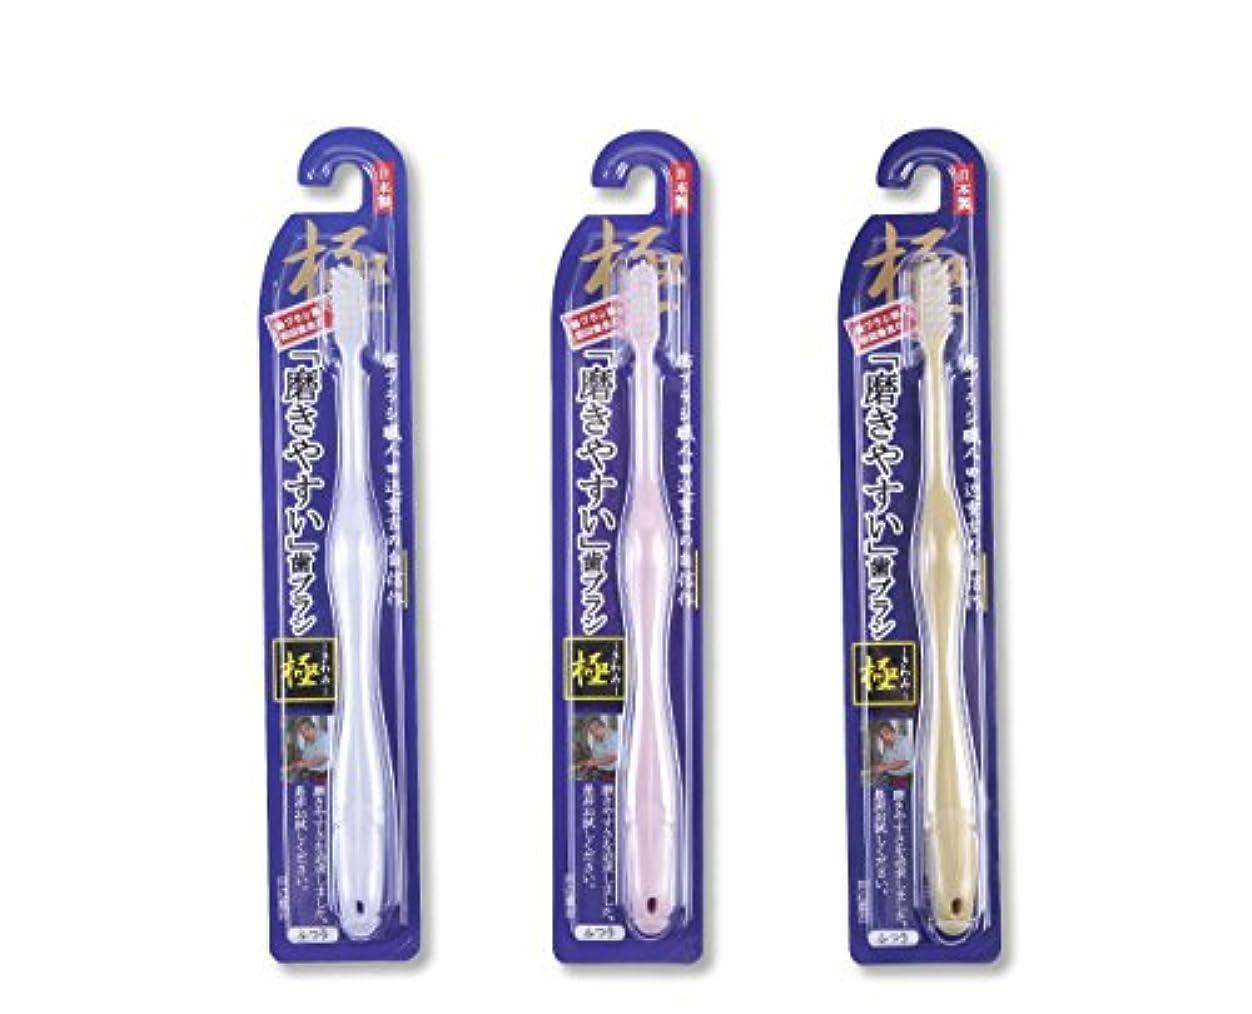 してはいけません収まる順応性歯ブラシ職人Artooth ® 田辺重吉の磨きやすい歯ブラシ 極 LT-09 (3本入)